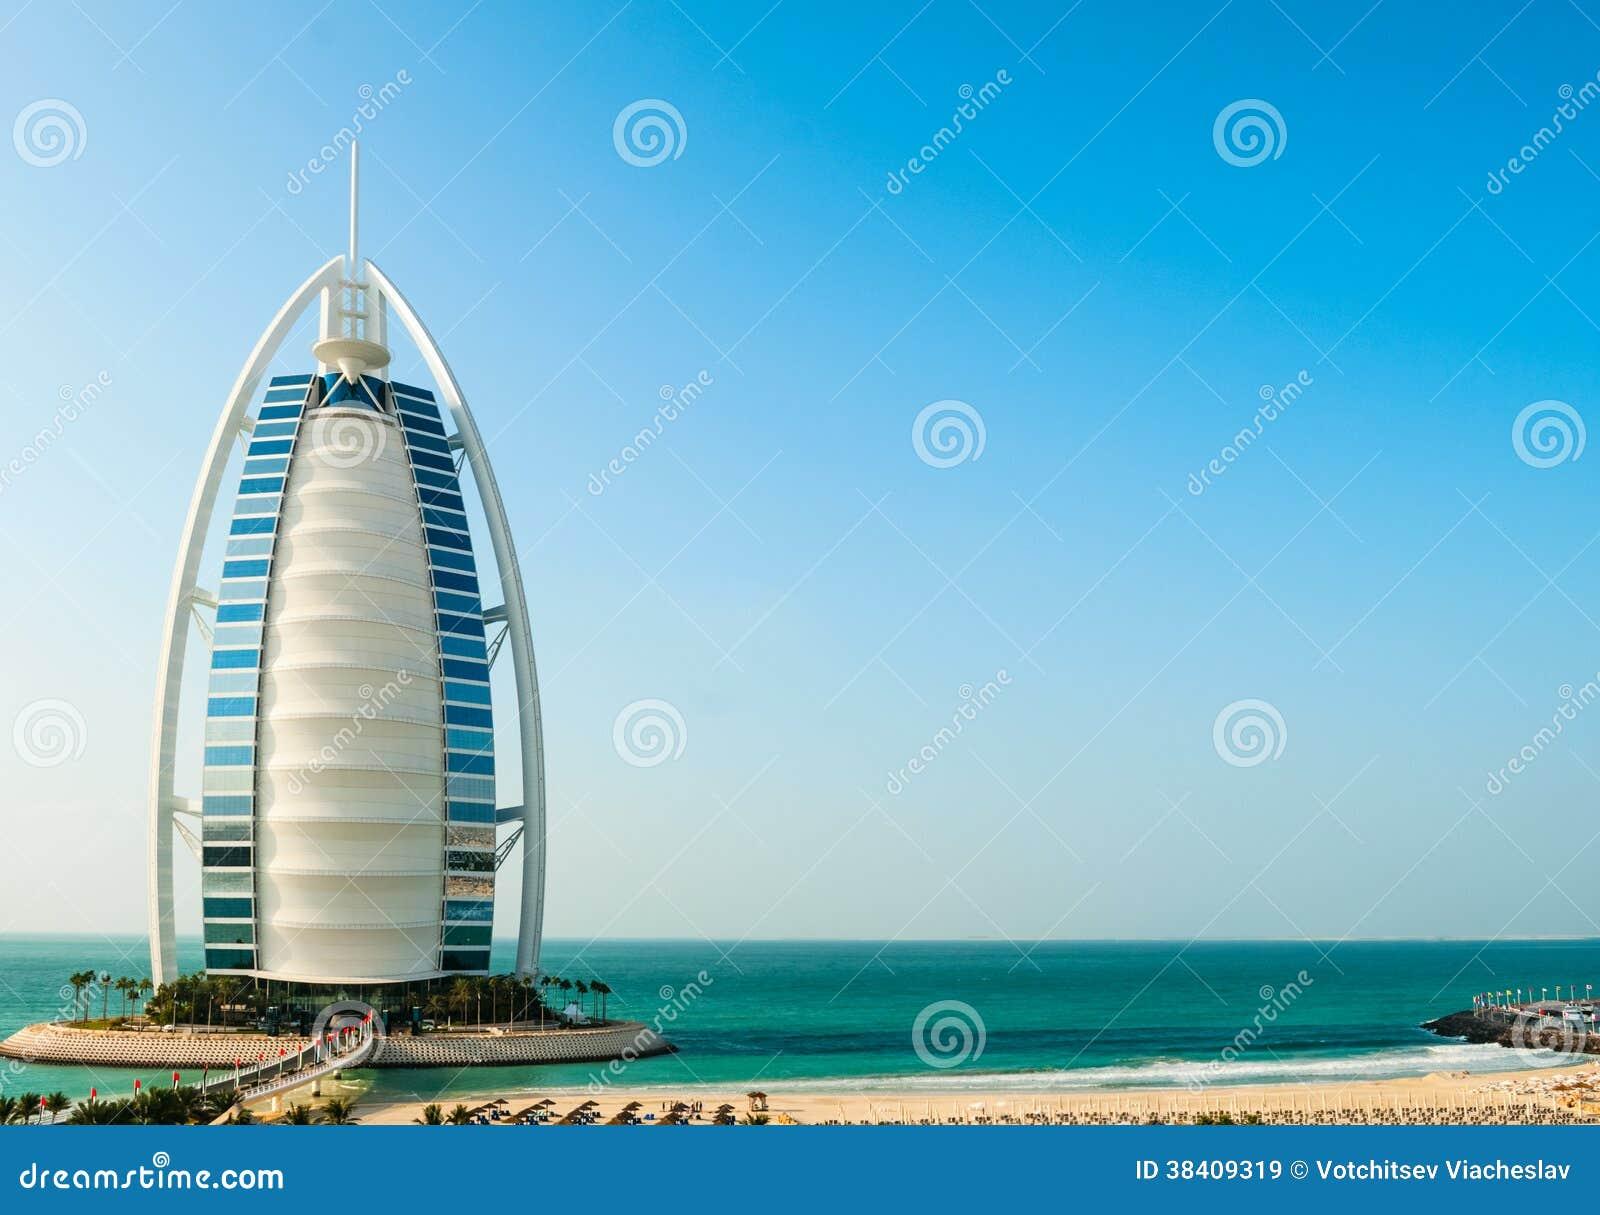 Hôtel de luxe Burj Al Arab Tower des Arabes